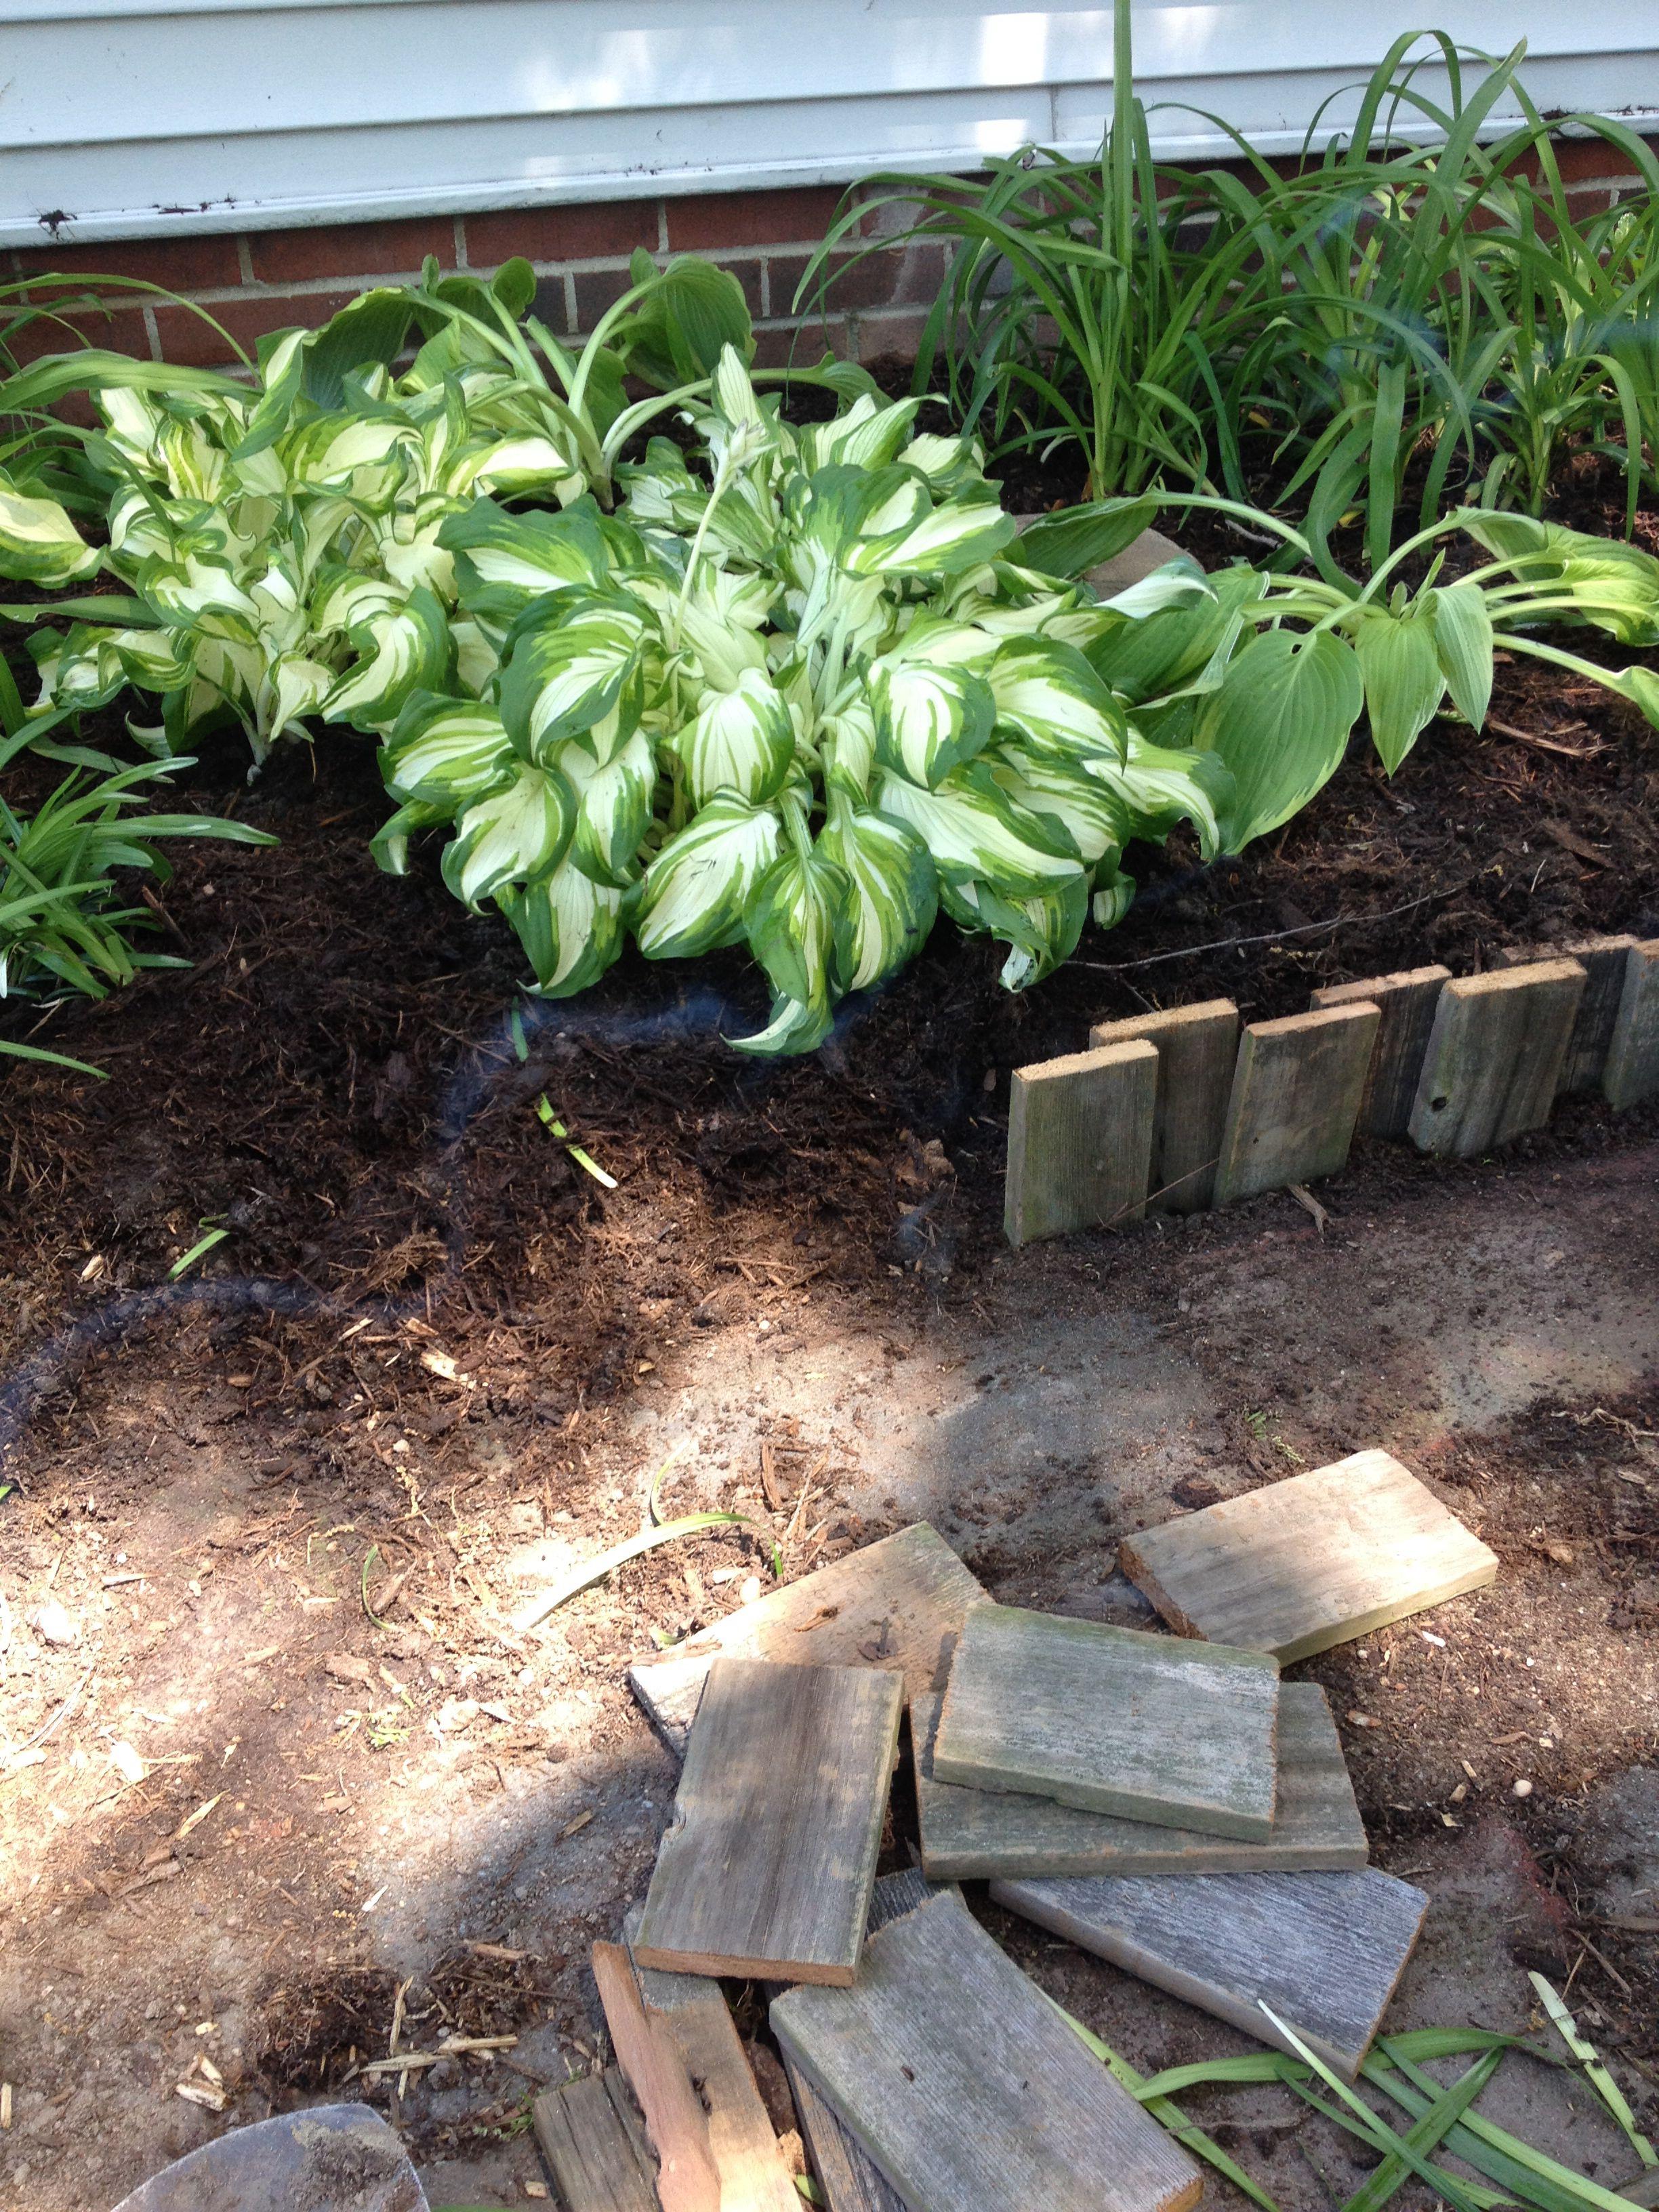 Eleven interesting garden bed edging ideas | Gardening ...